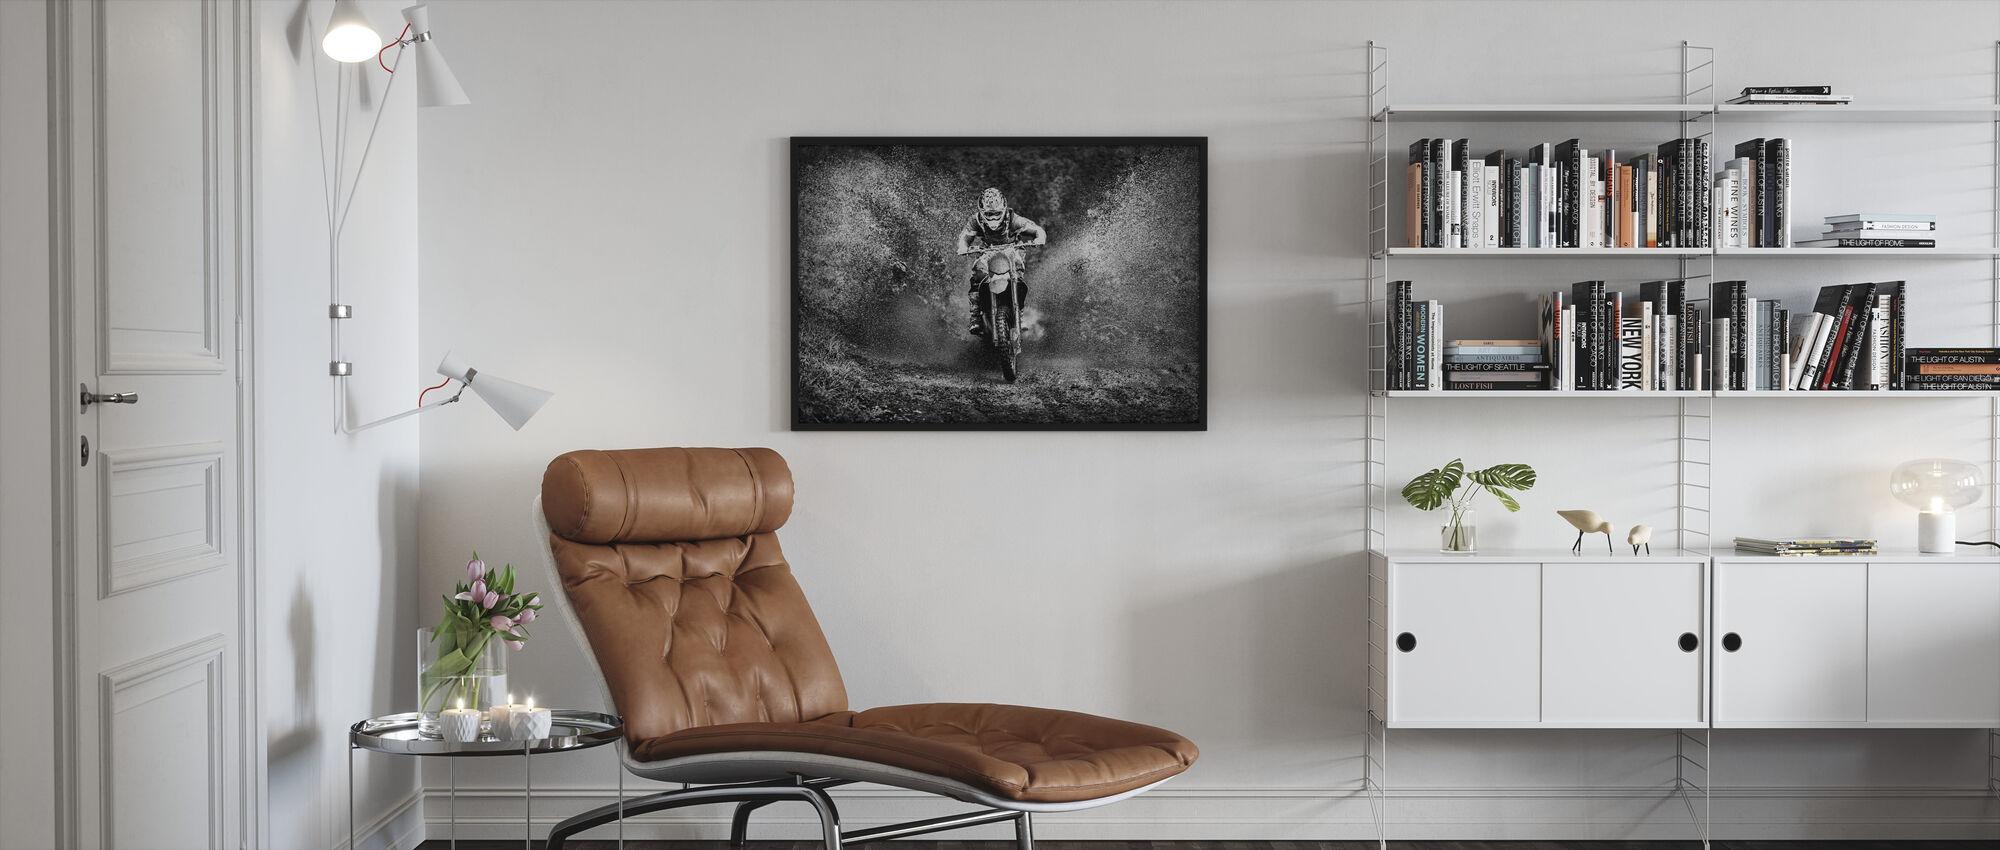 Spray lera motorcykel, svart och vitt - Inramad tavla - Vardagsrum